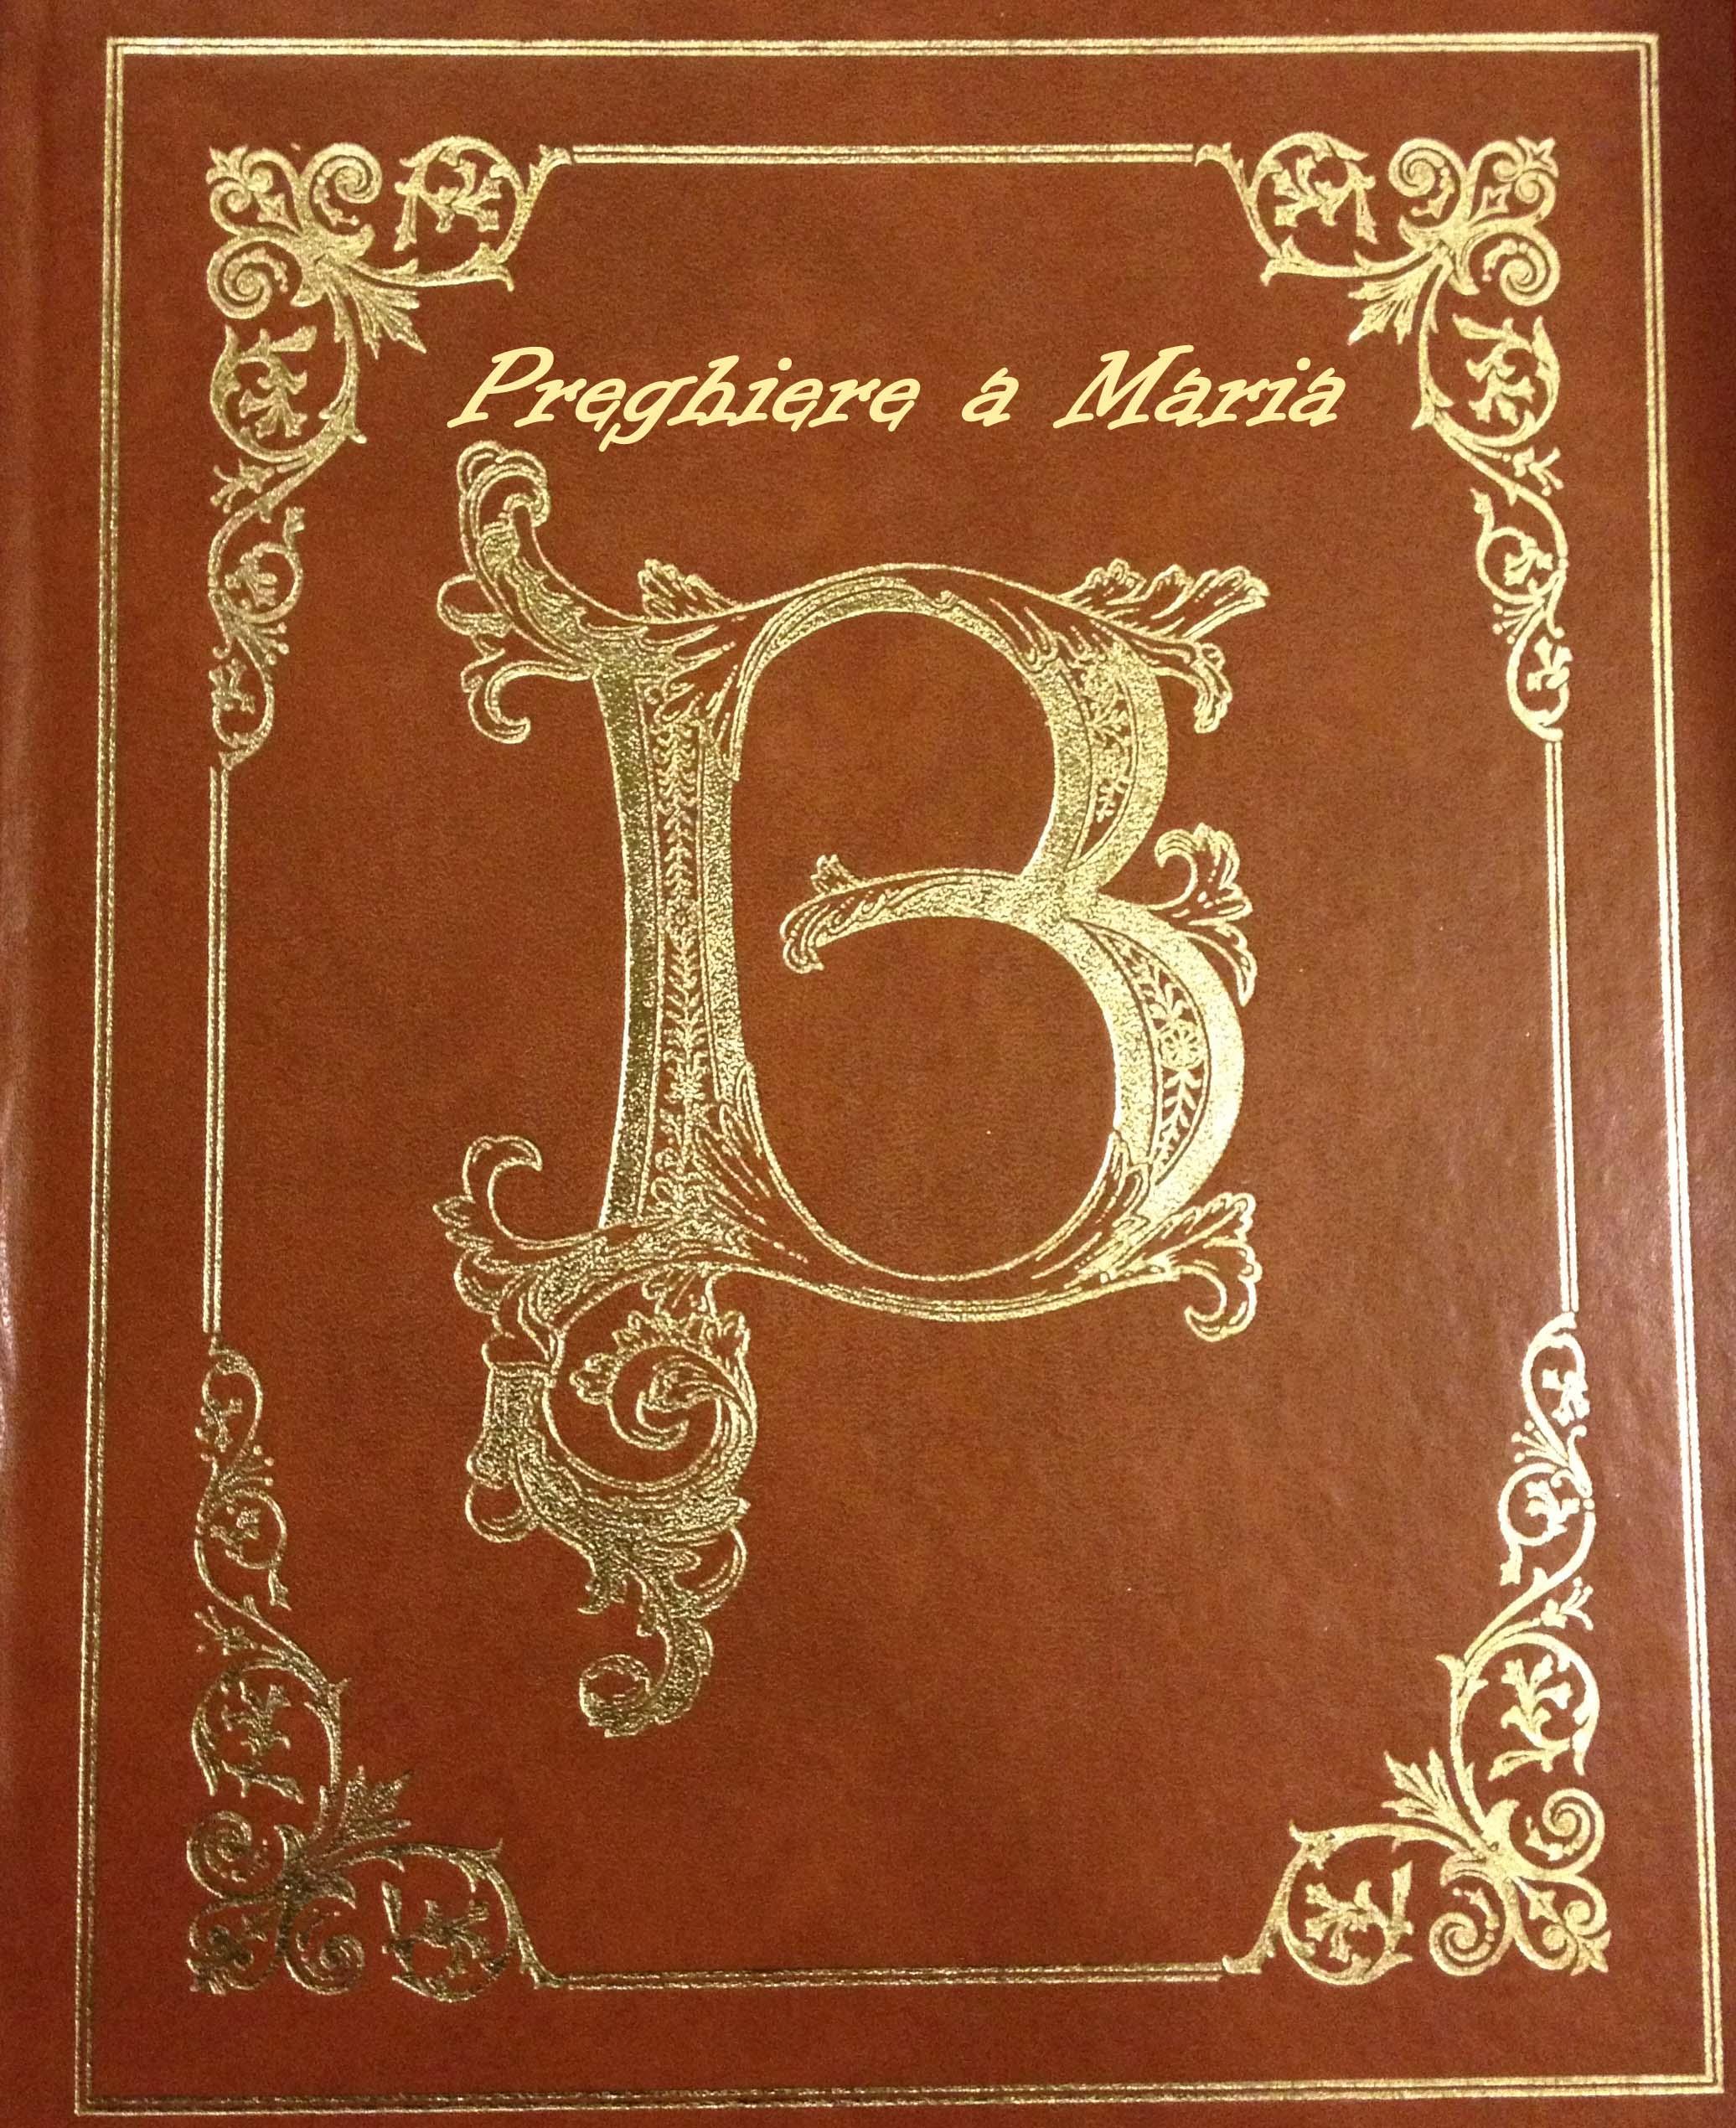 copertina-preghiere-mdg